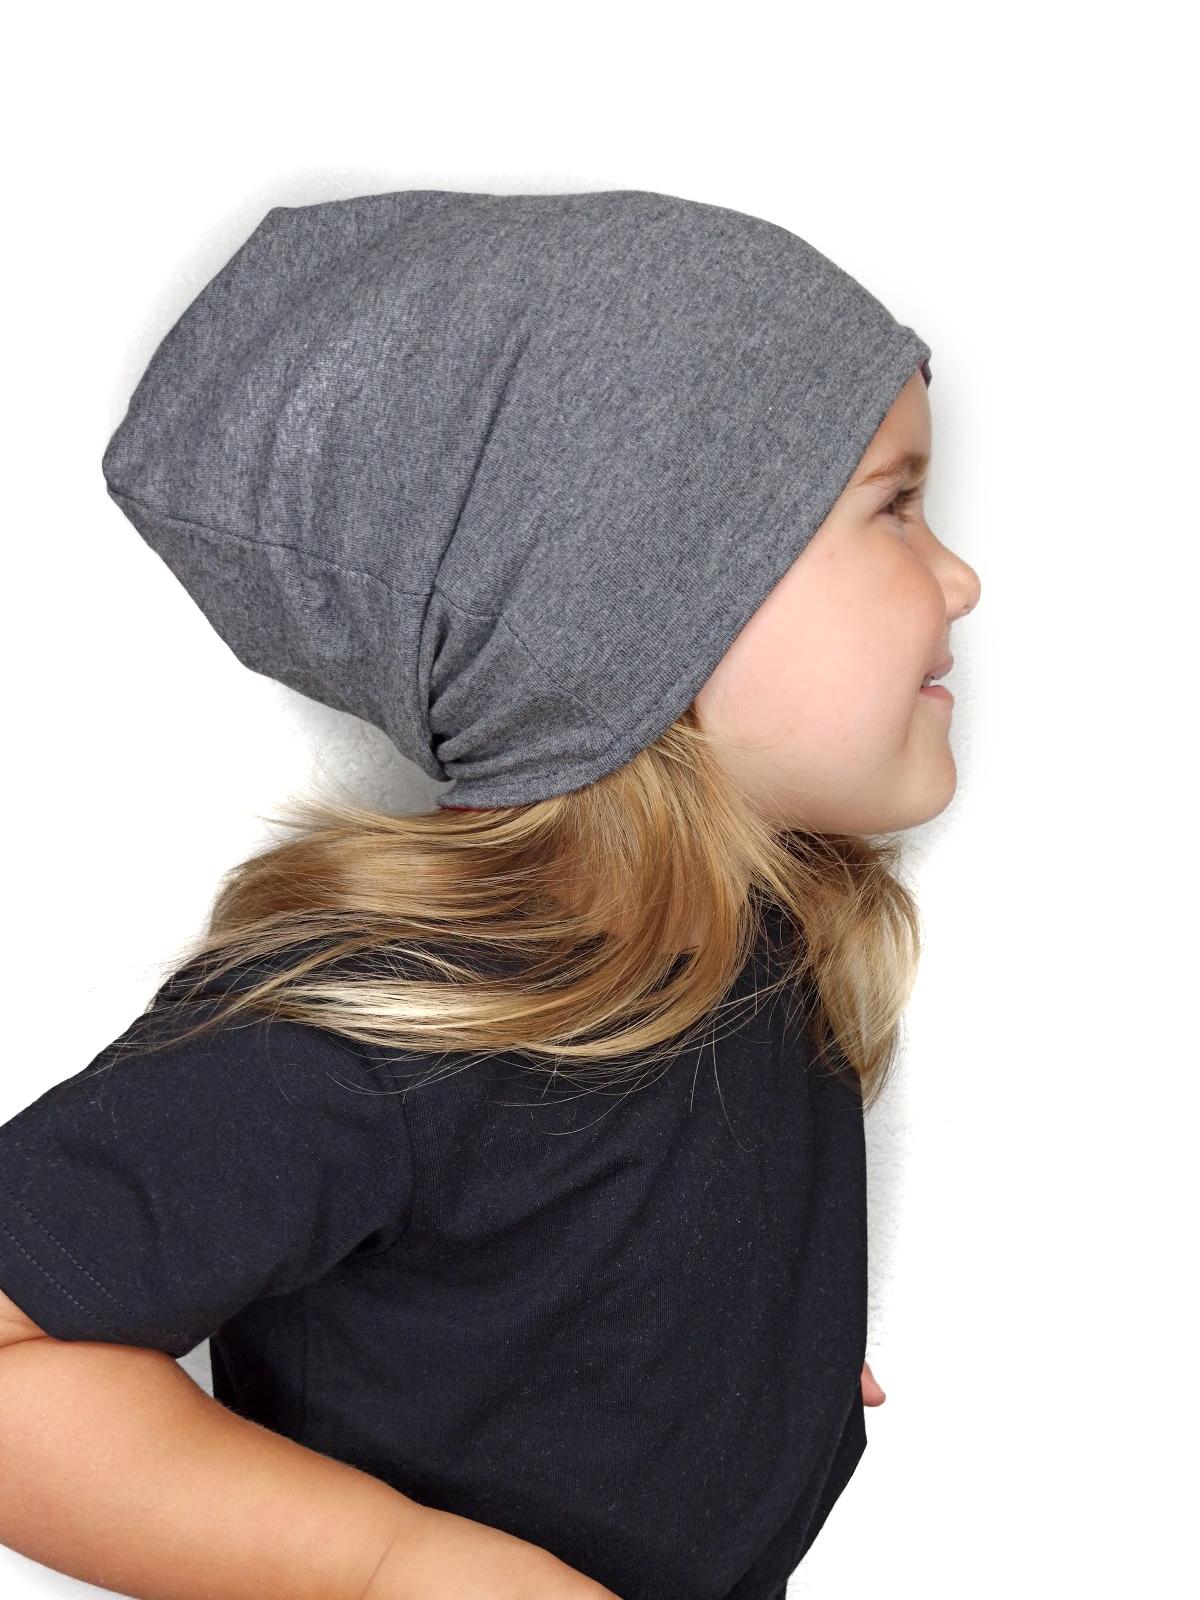 Dětská čepice bavlněná, oboustranná, tmavý+světlý šedý melír, s